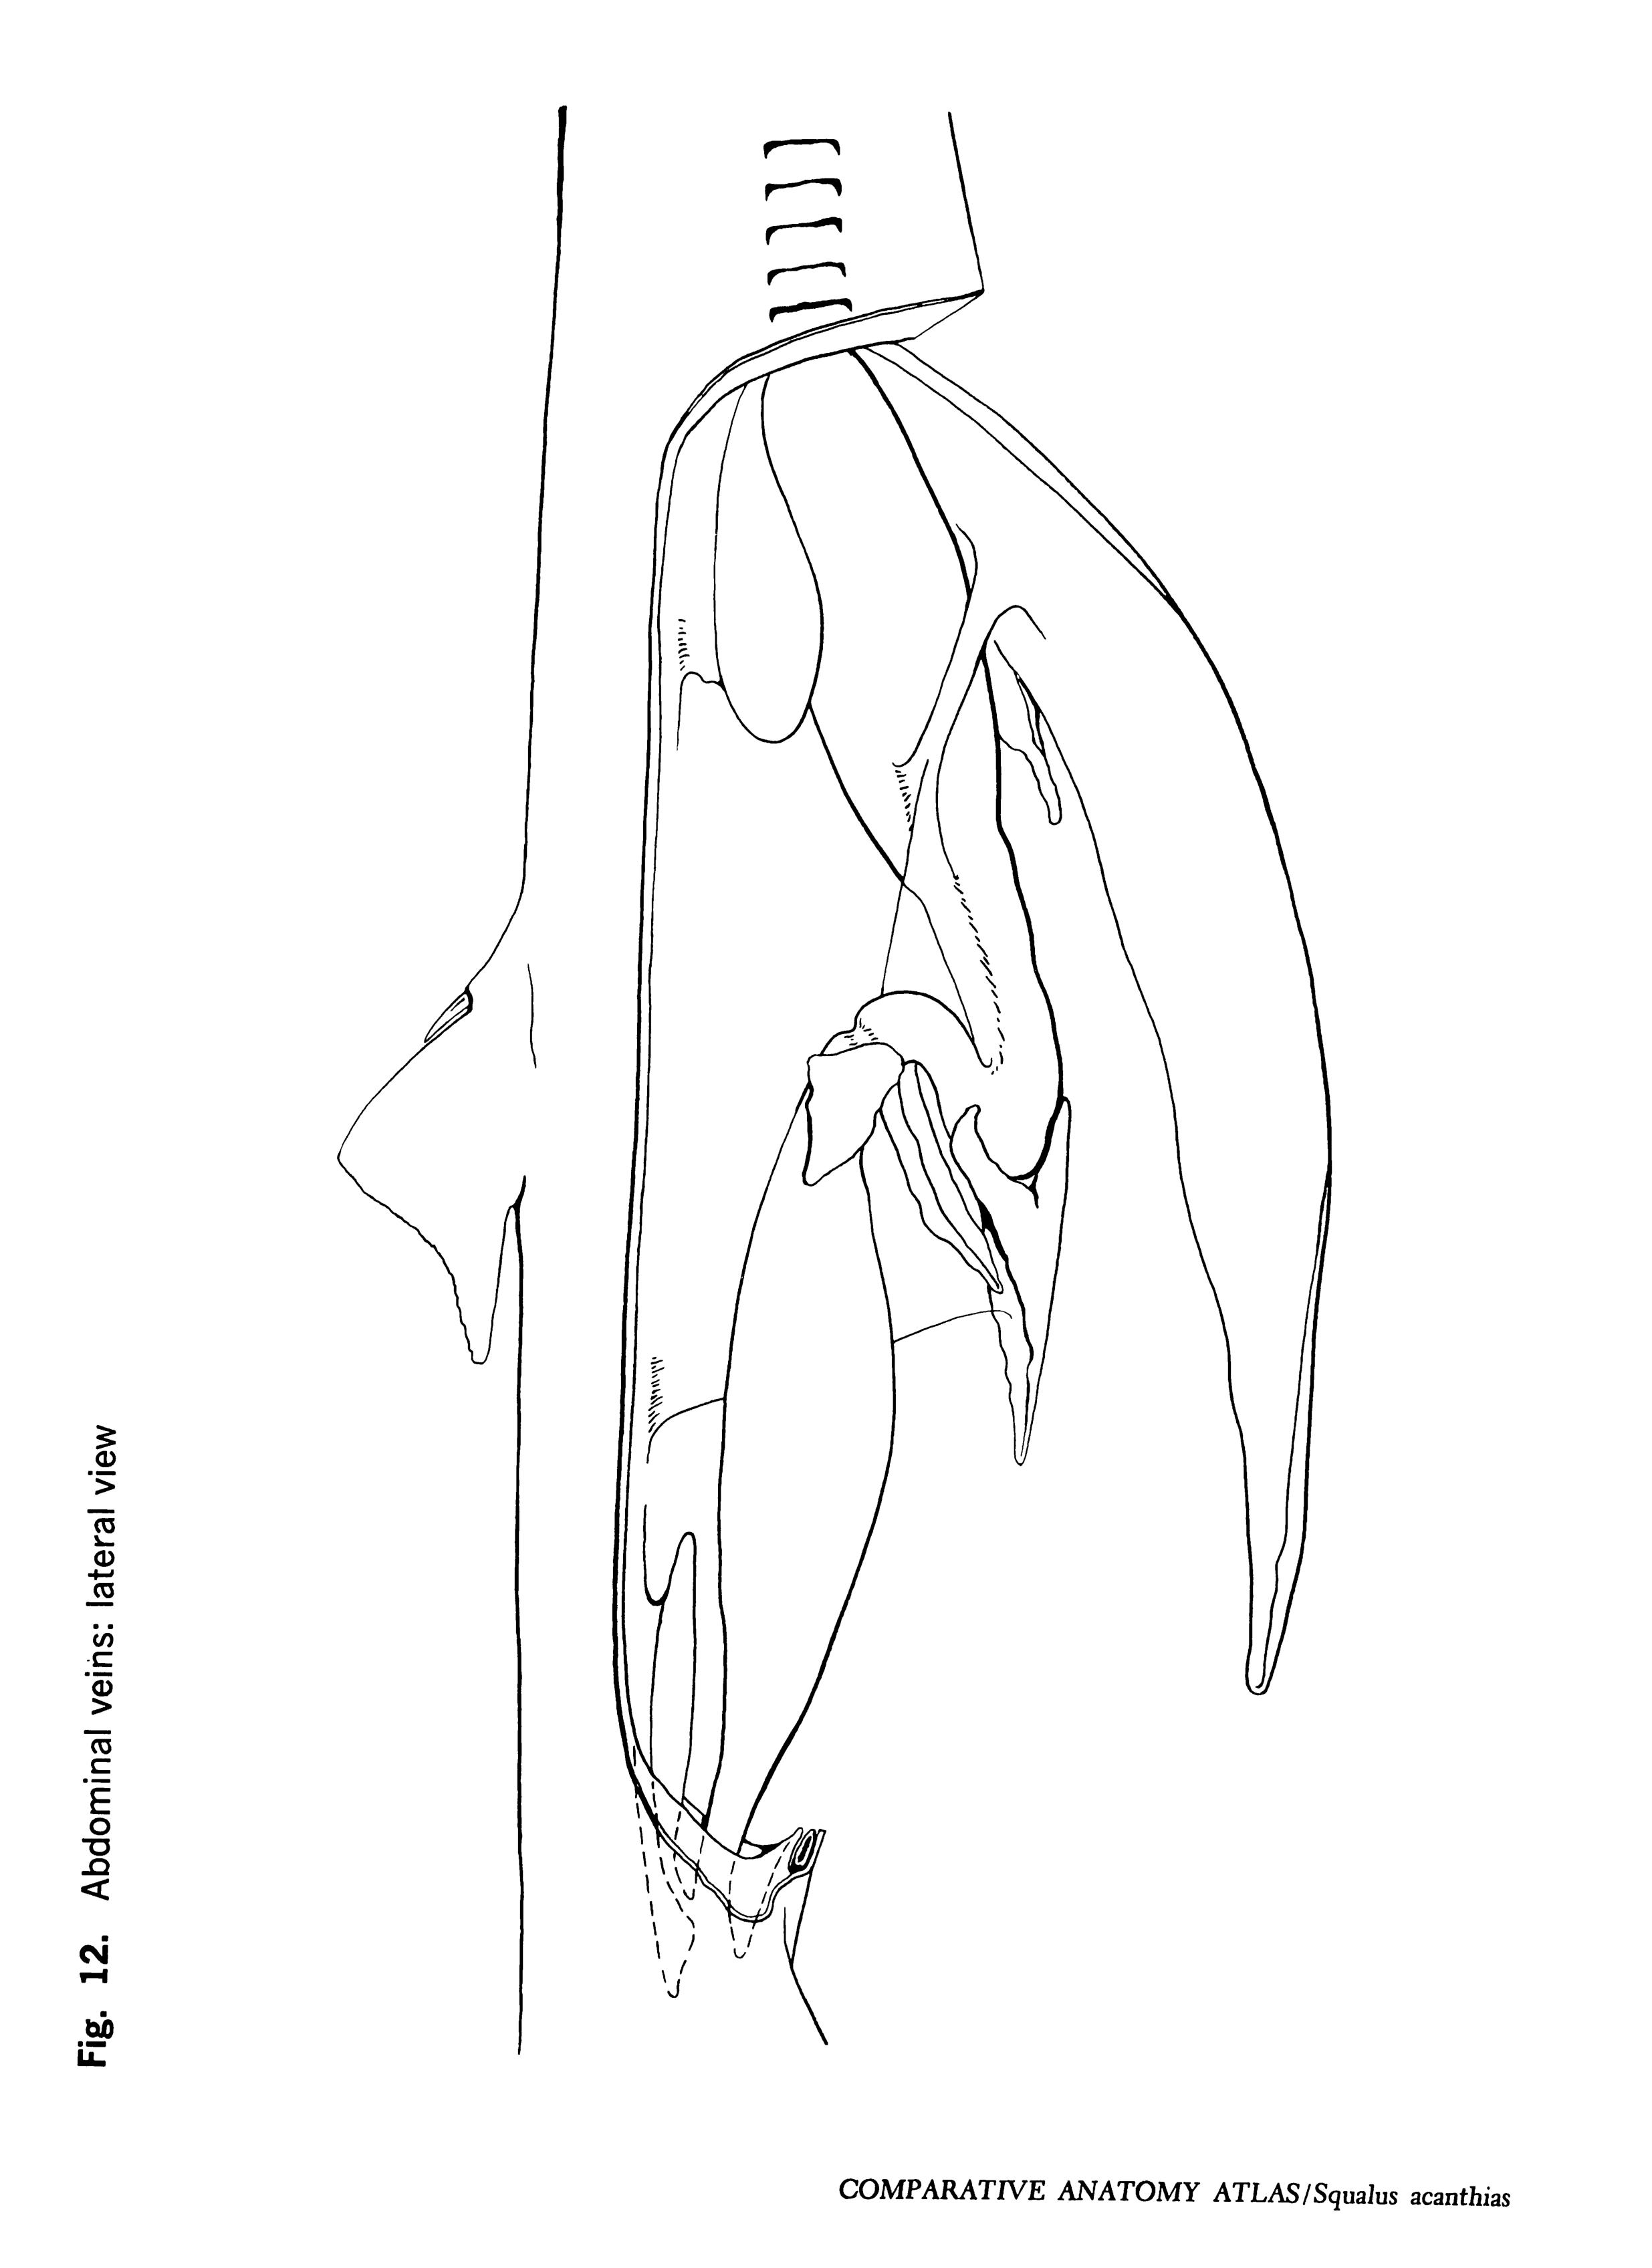 Squalus acantbias Figure 12